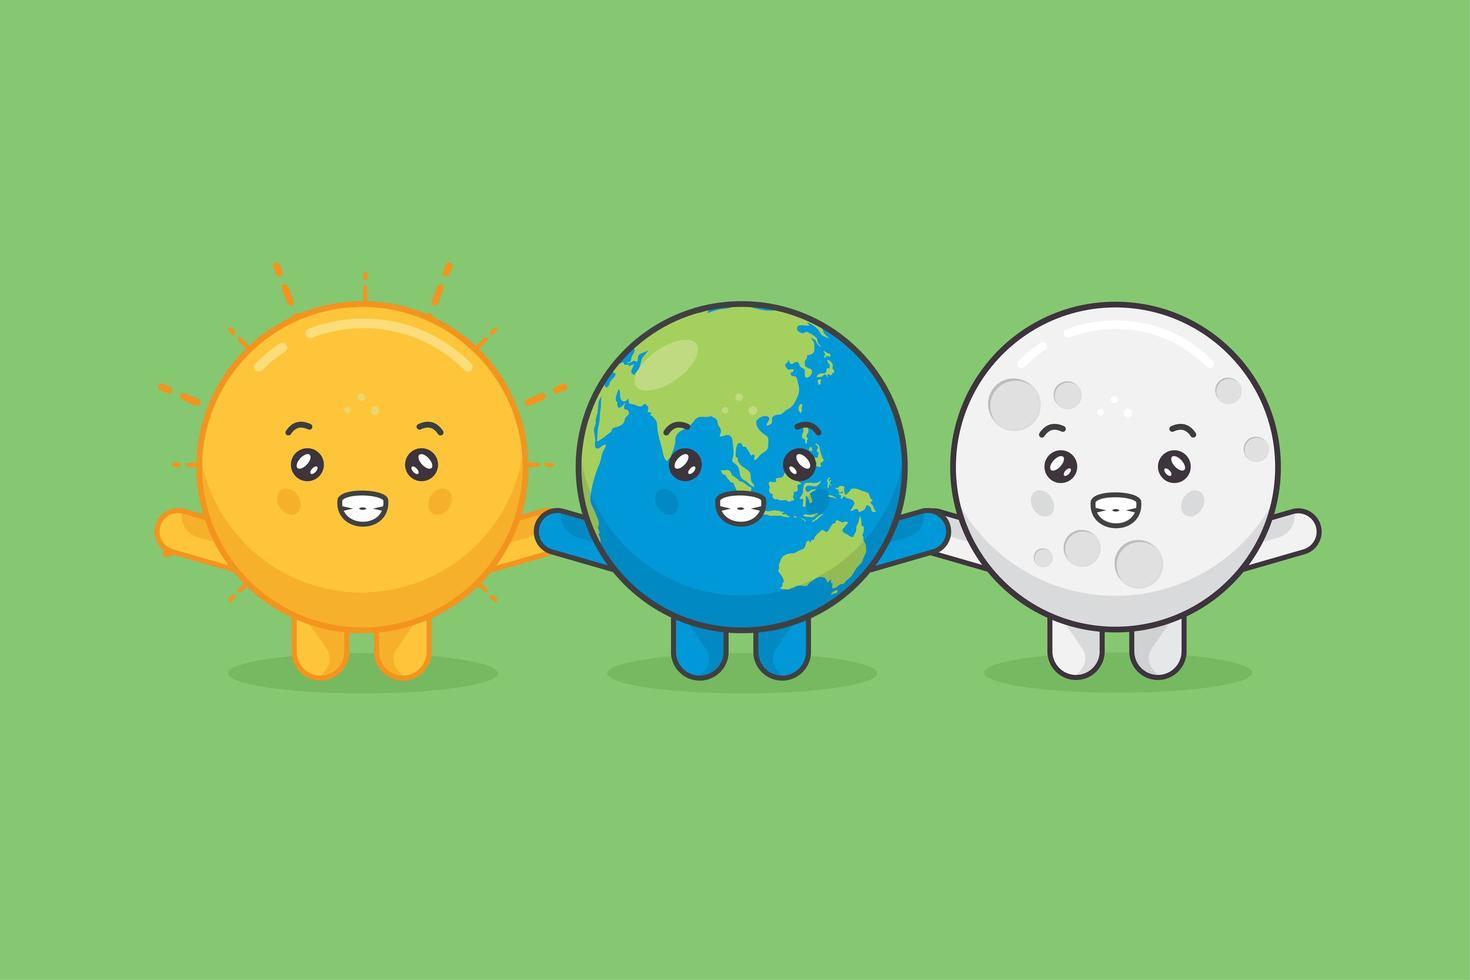 süße Mond-, Erd- und Sonnenfiguren mit fröhlichem Ausdruck vektor